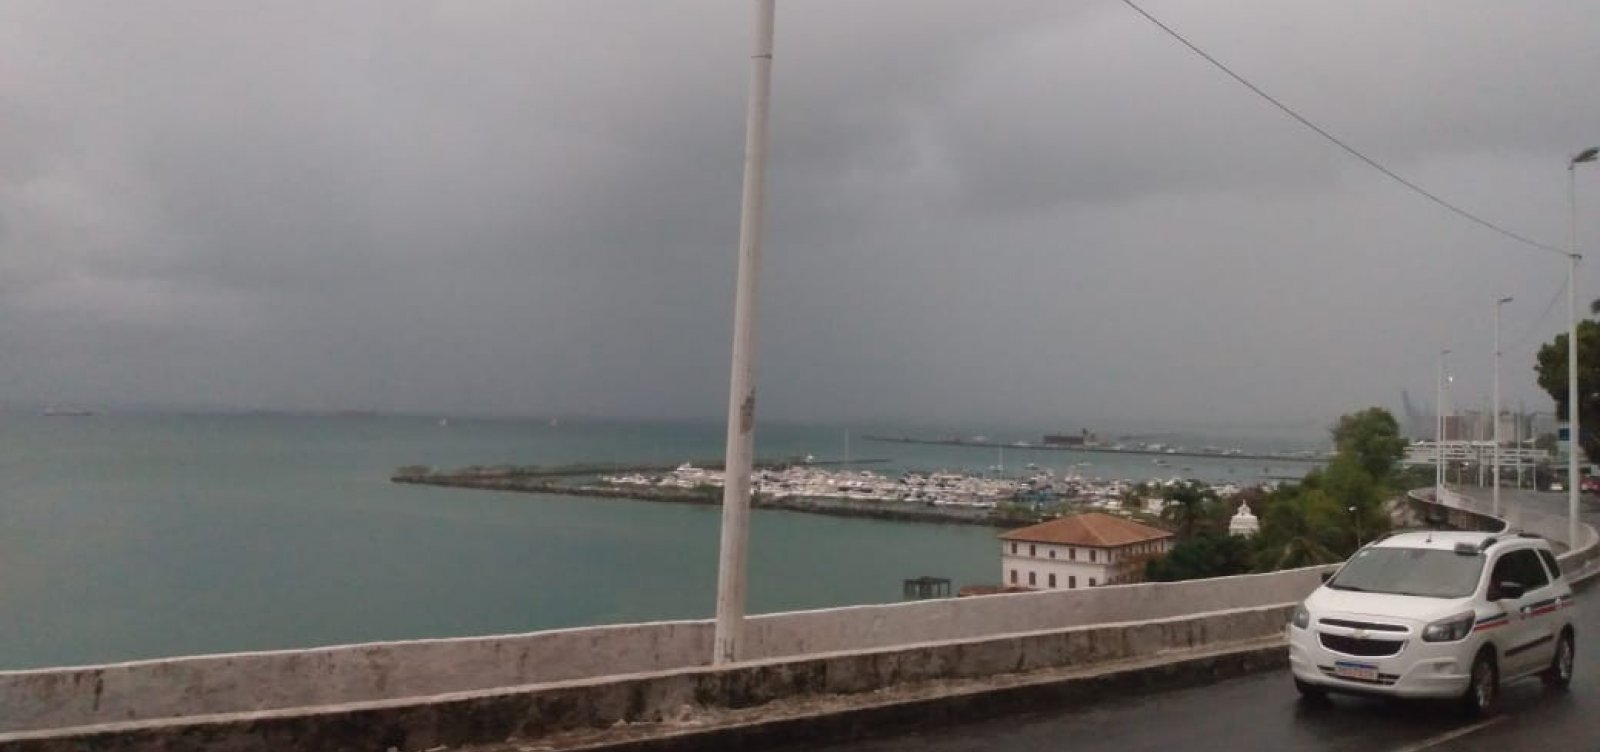 Ainda com alerta máximo de chuvas, Codesal recebe 20 solicitações na madrugada de hoje